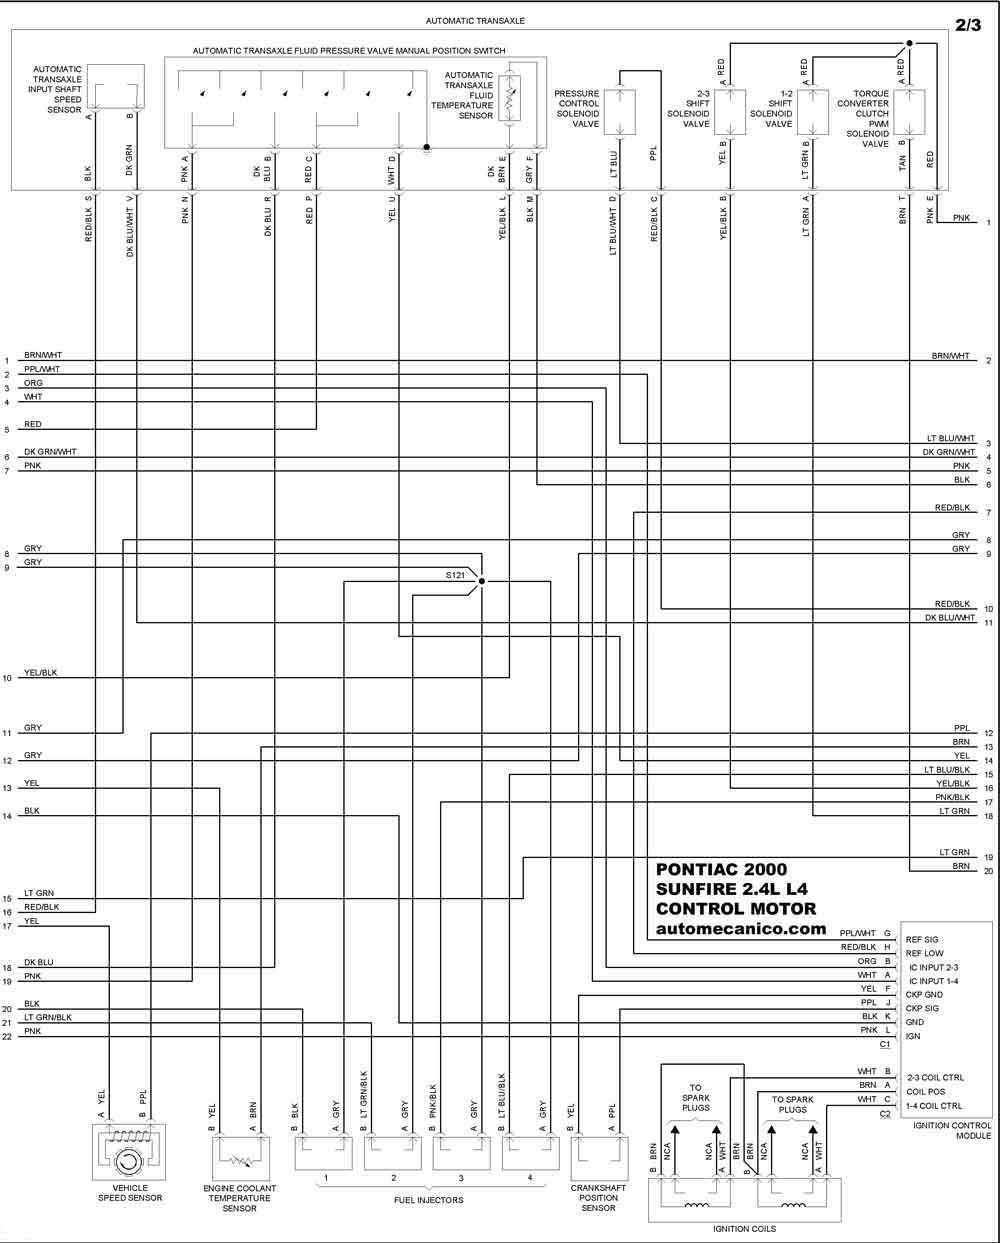 pontiac 2000 - diagramas control del motor